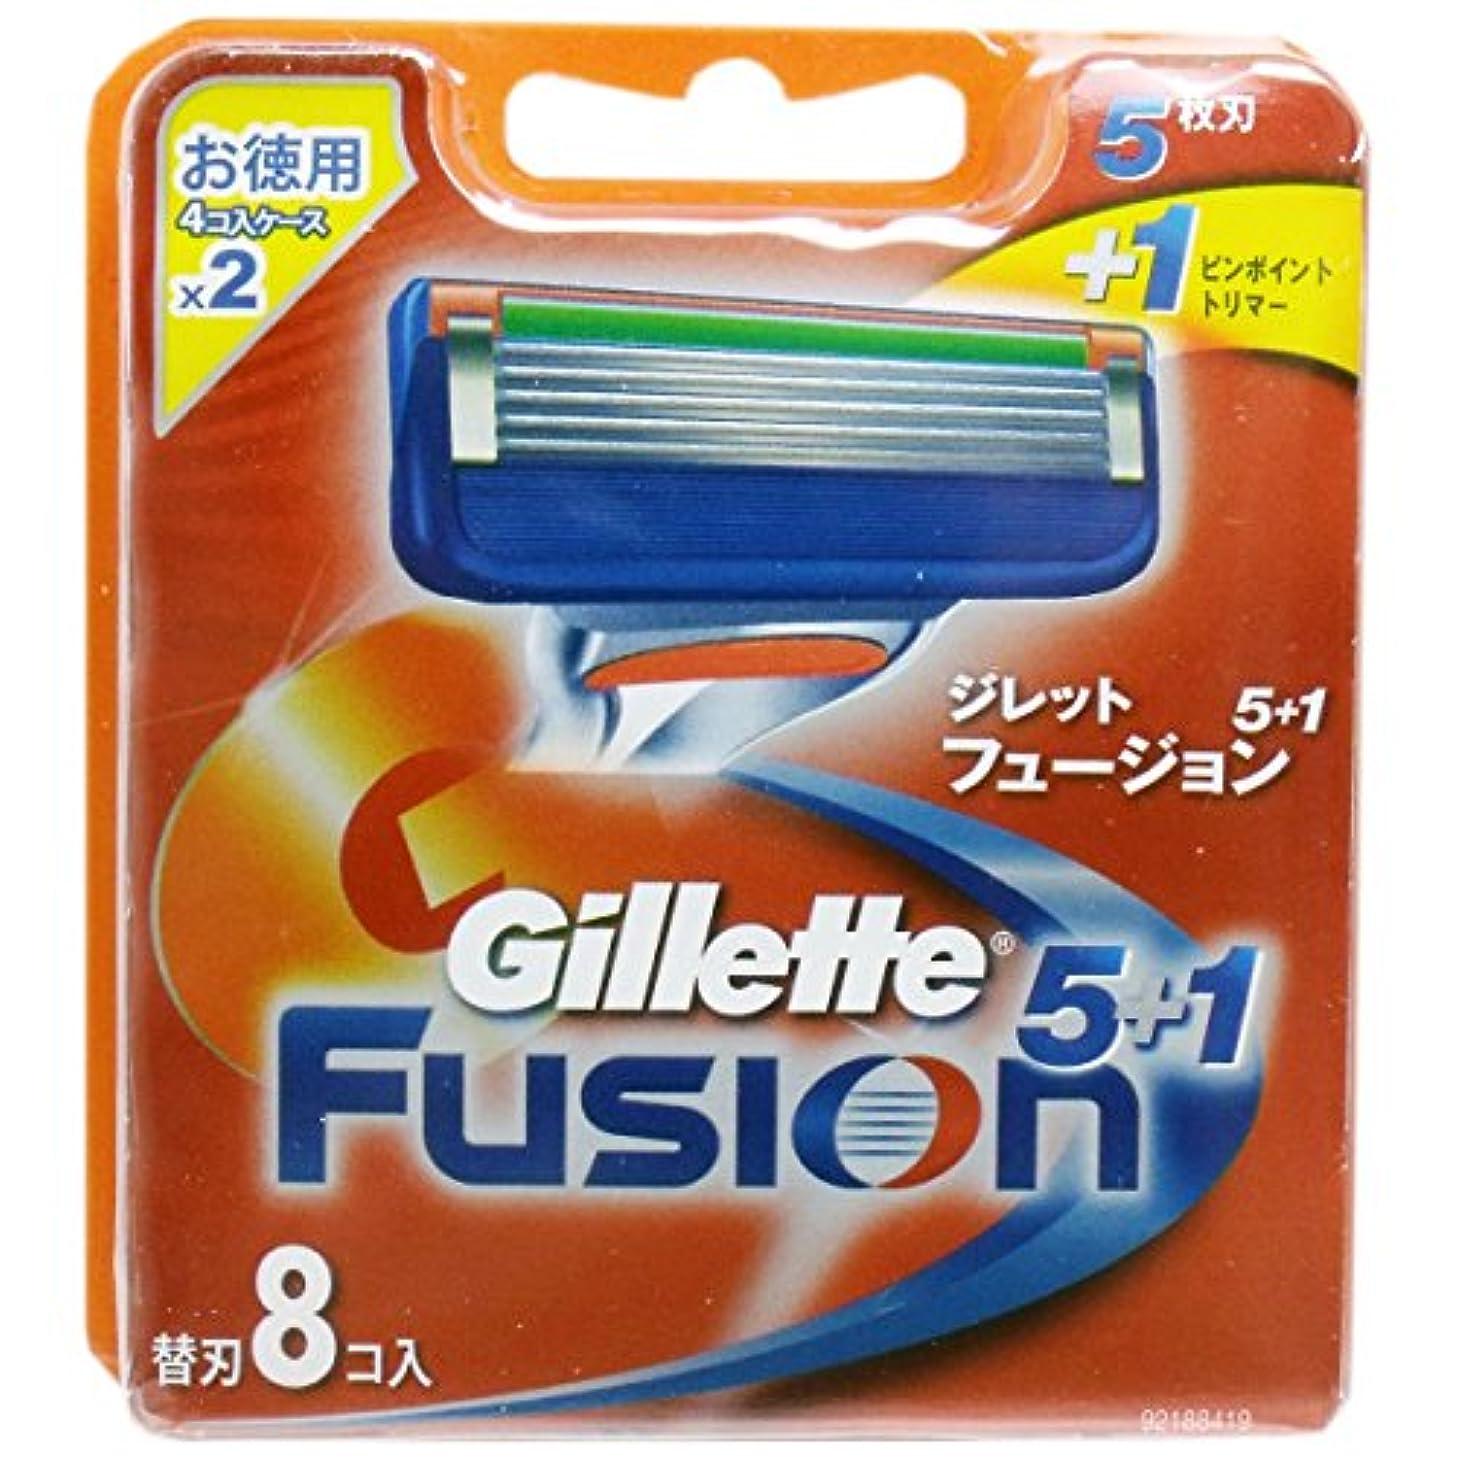 見通しけん引奨励ジレット フュージョン5+1替刃 8B × 3個セット